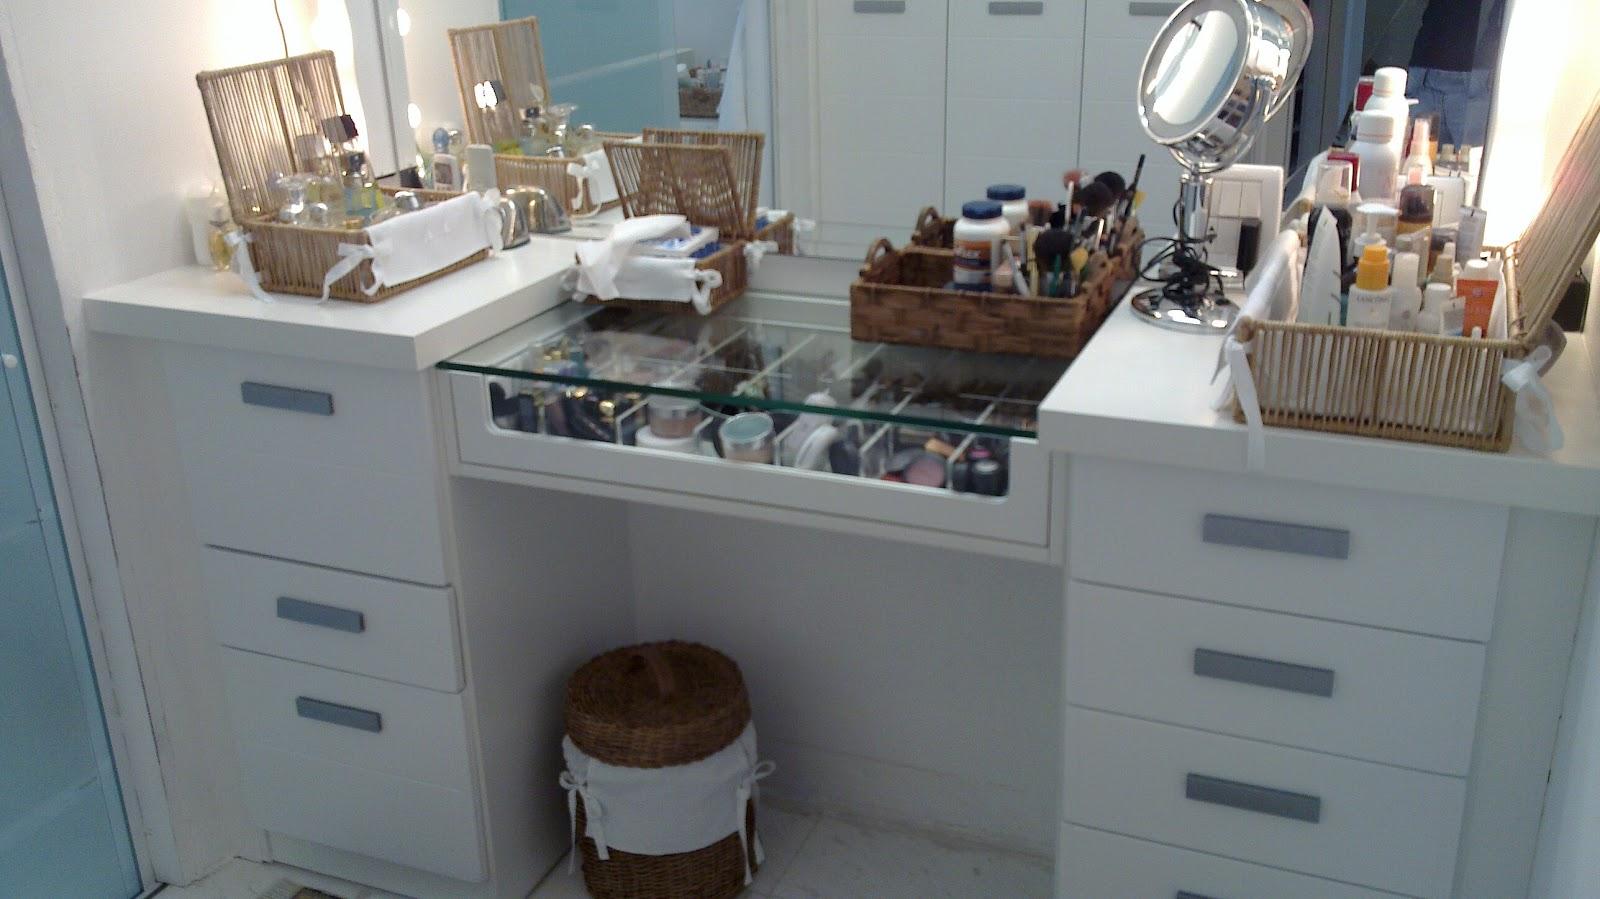 http://2.bp.blogspot.com/ ReginaSegura. arquitetura: Ampliação de  #614B3D 1600 899